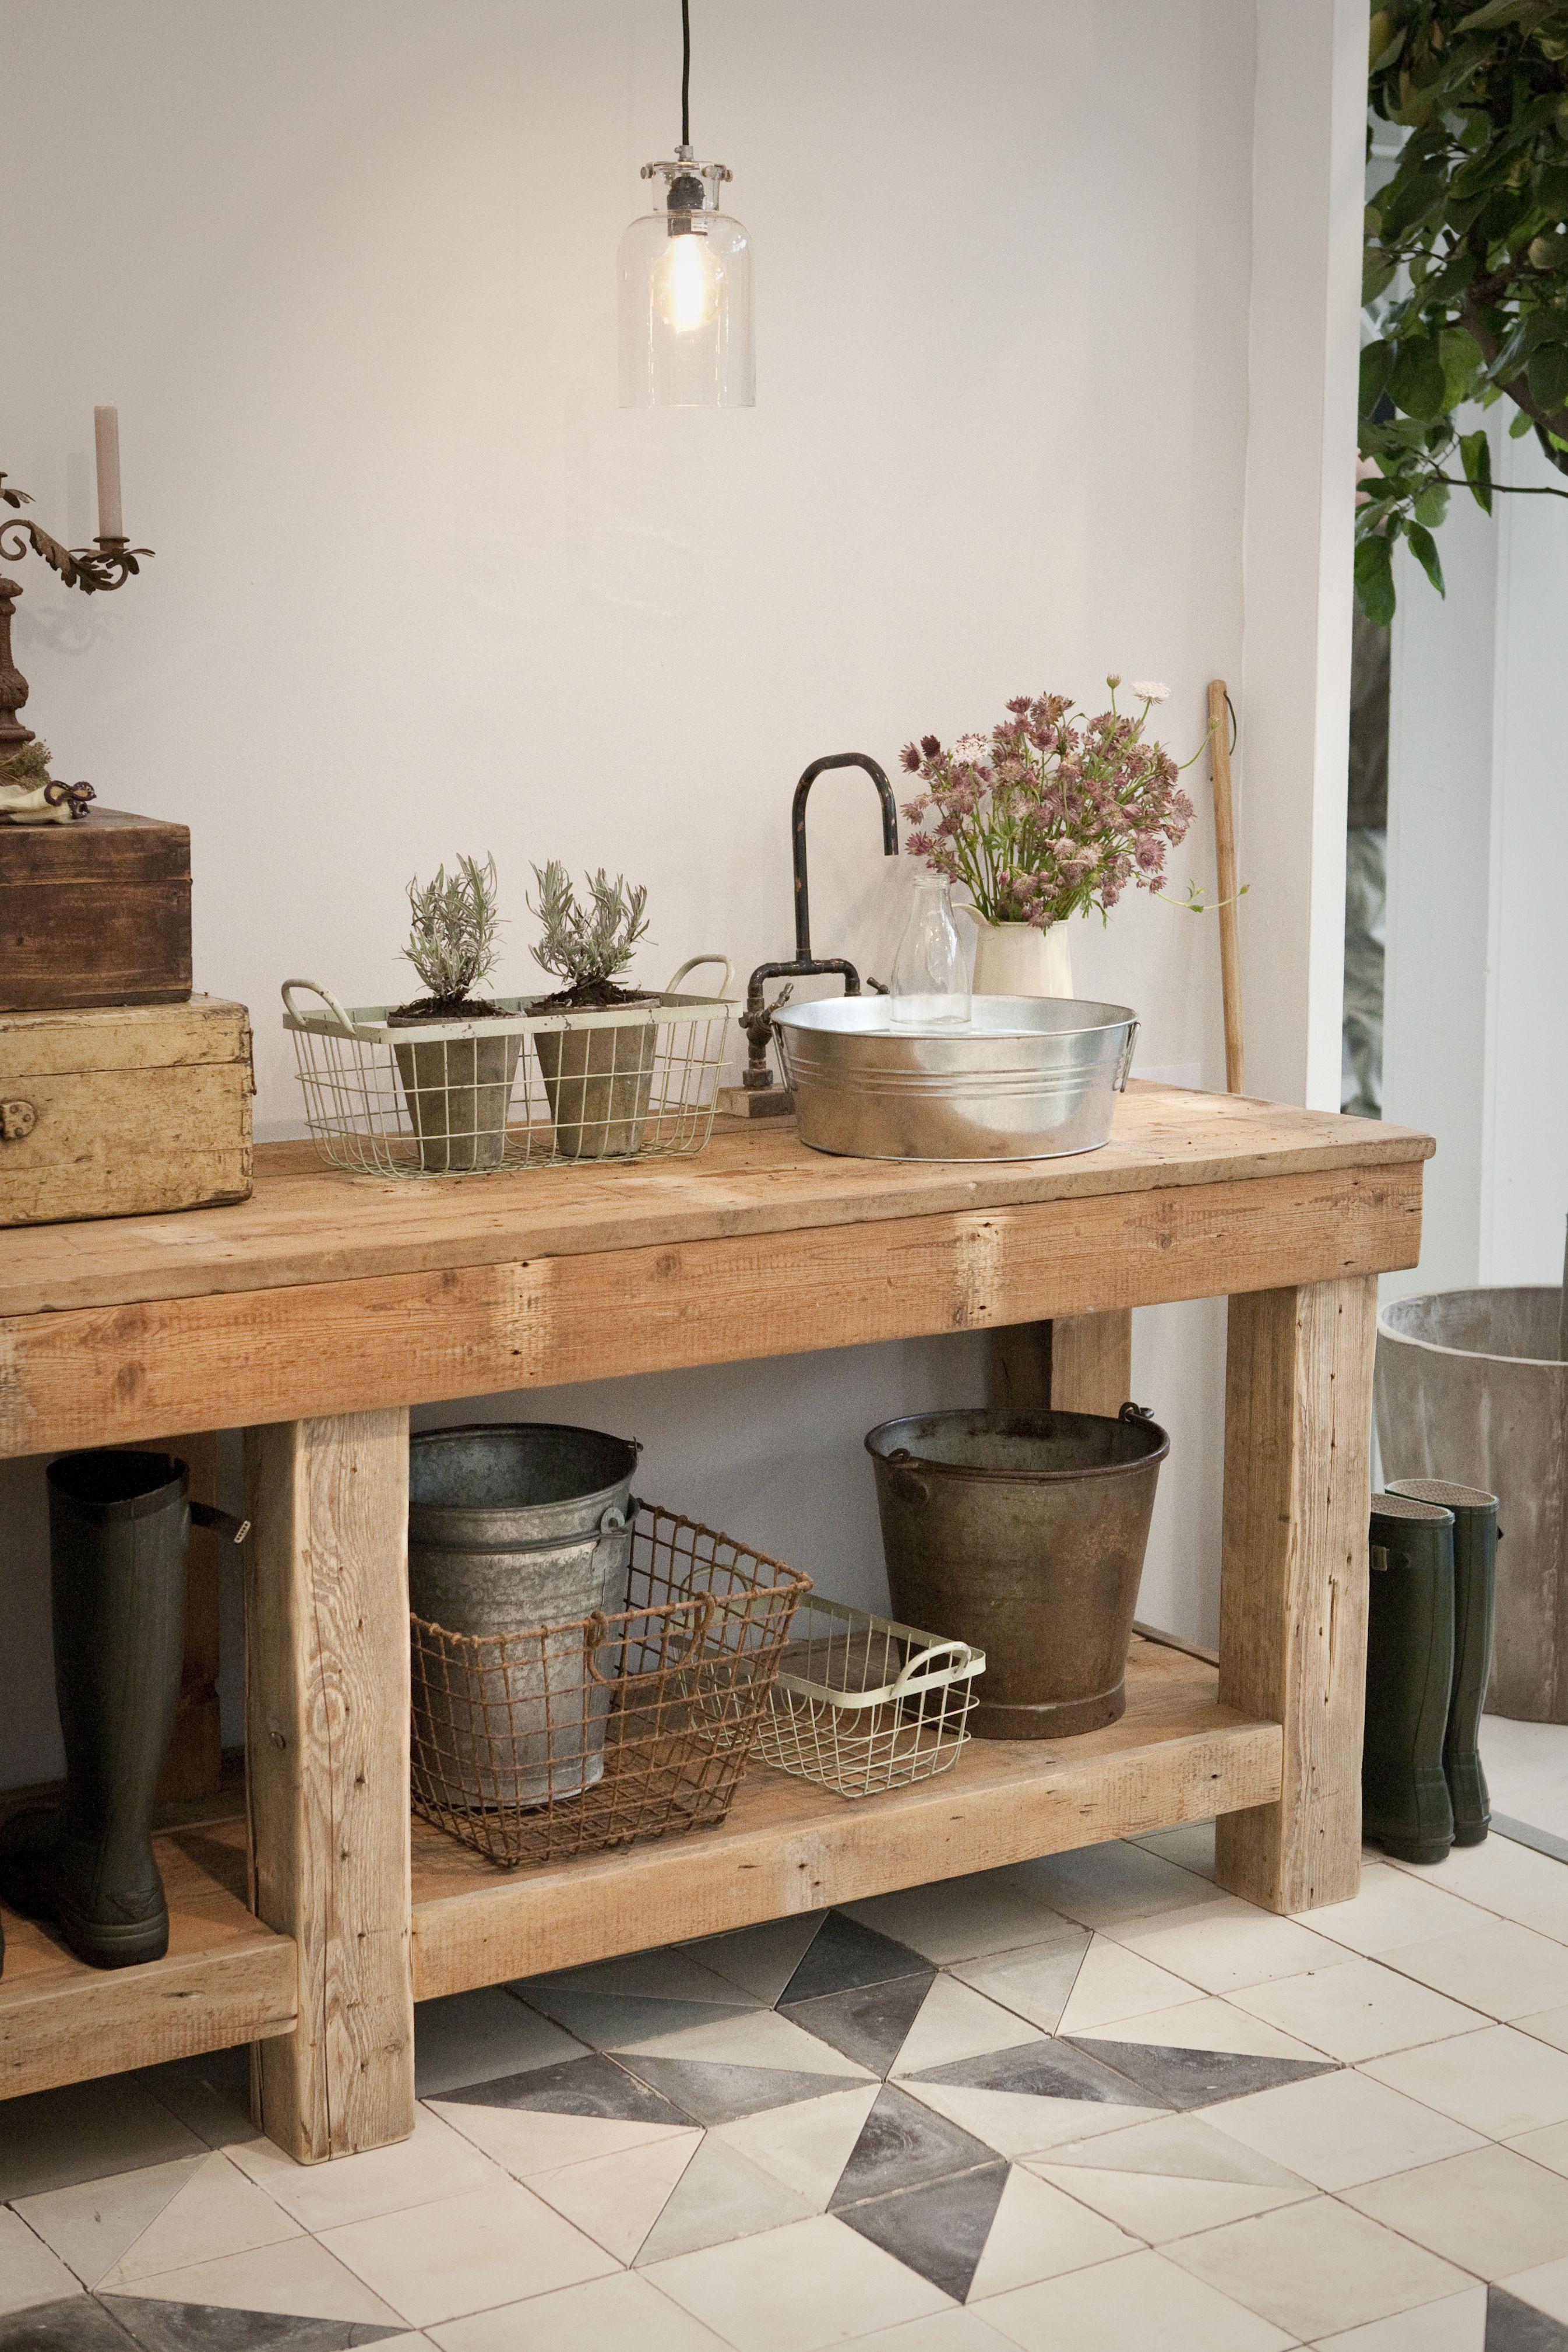 Interieur inspiratie een oude werkbank in het interieur stijlvol styling woonblog - Beeld van eigentijdse keuken ...